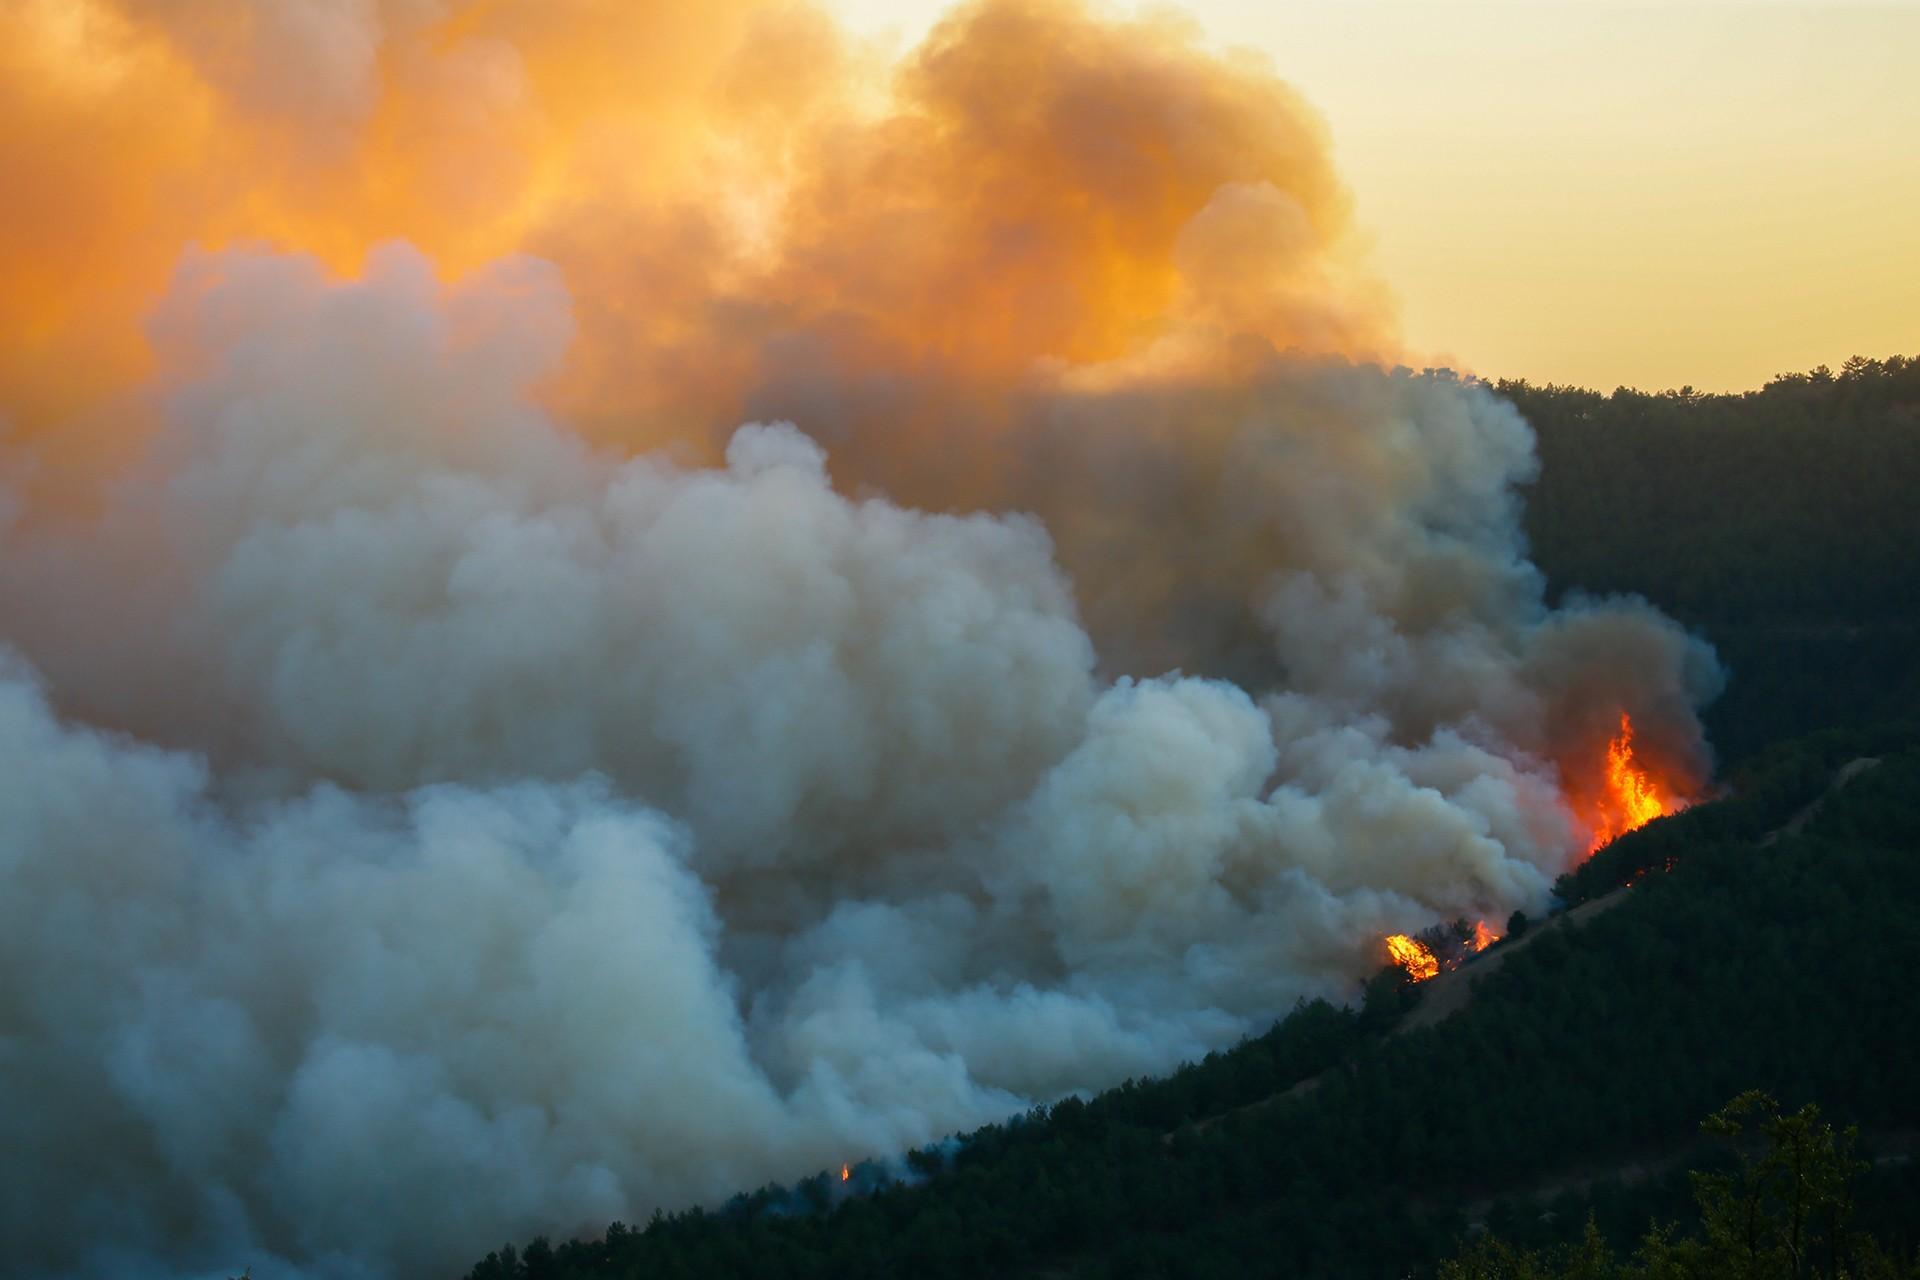 İzmir Karabağlar'daki orman yangını 3. gününde kontrol altına alındı